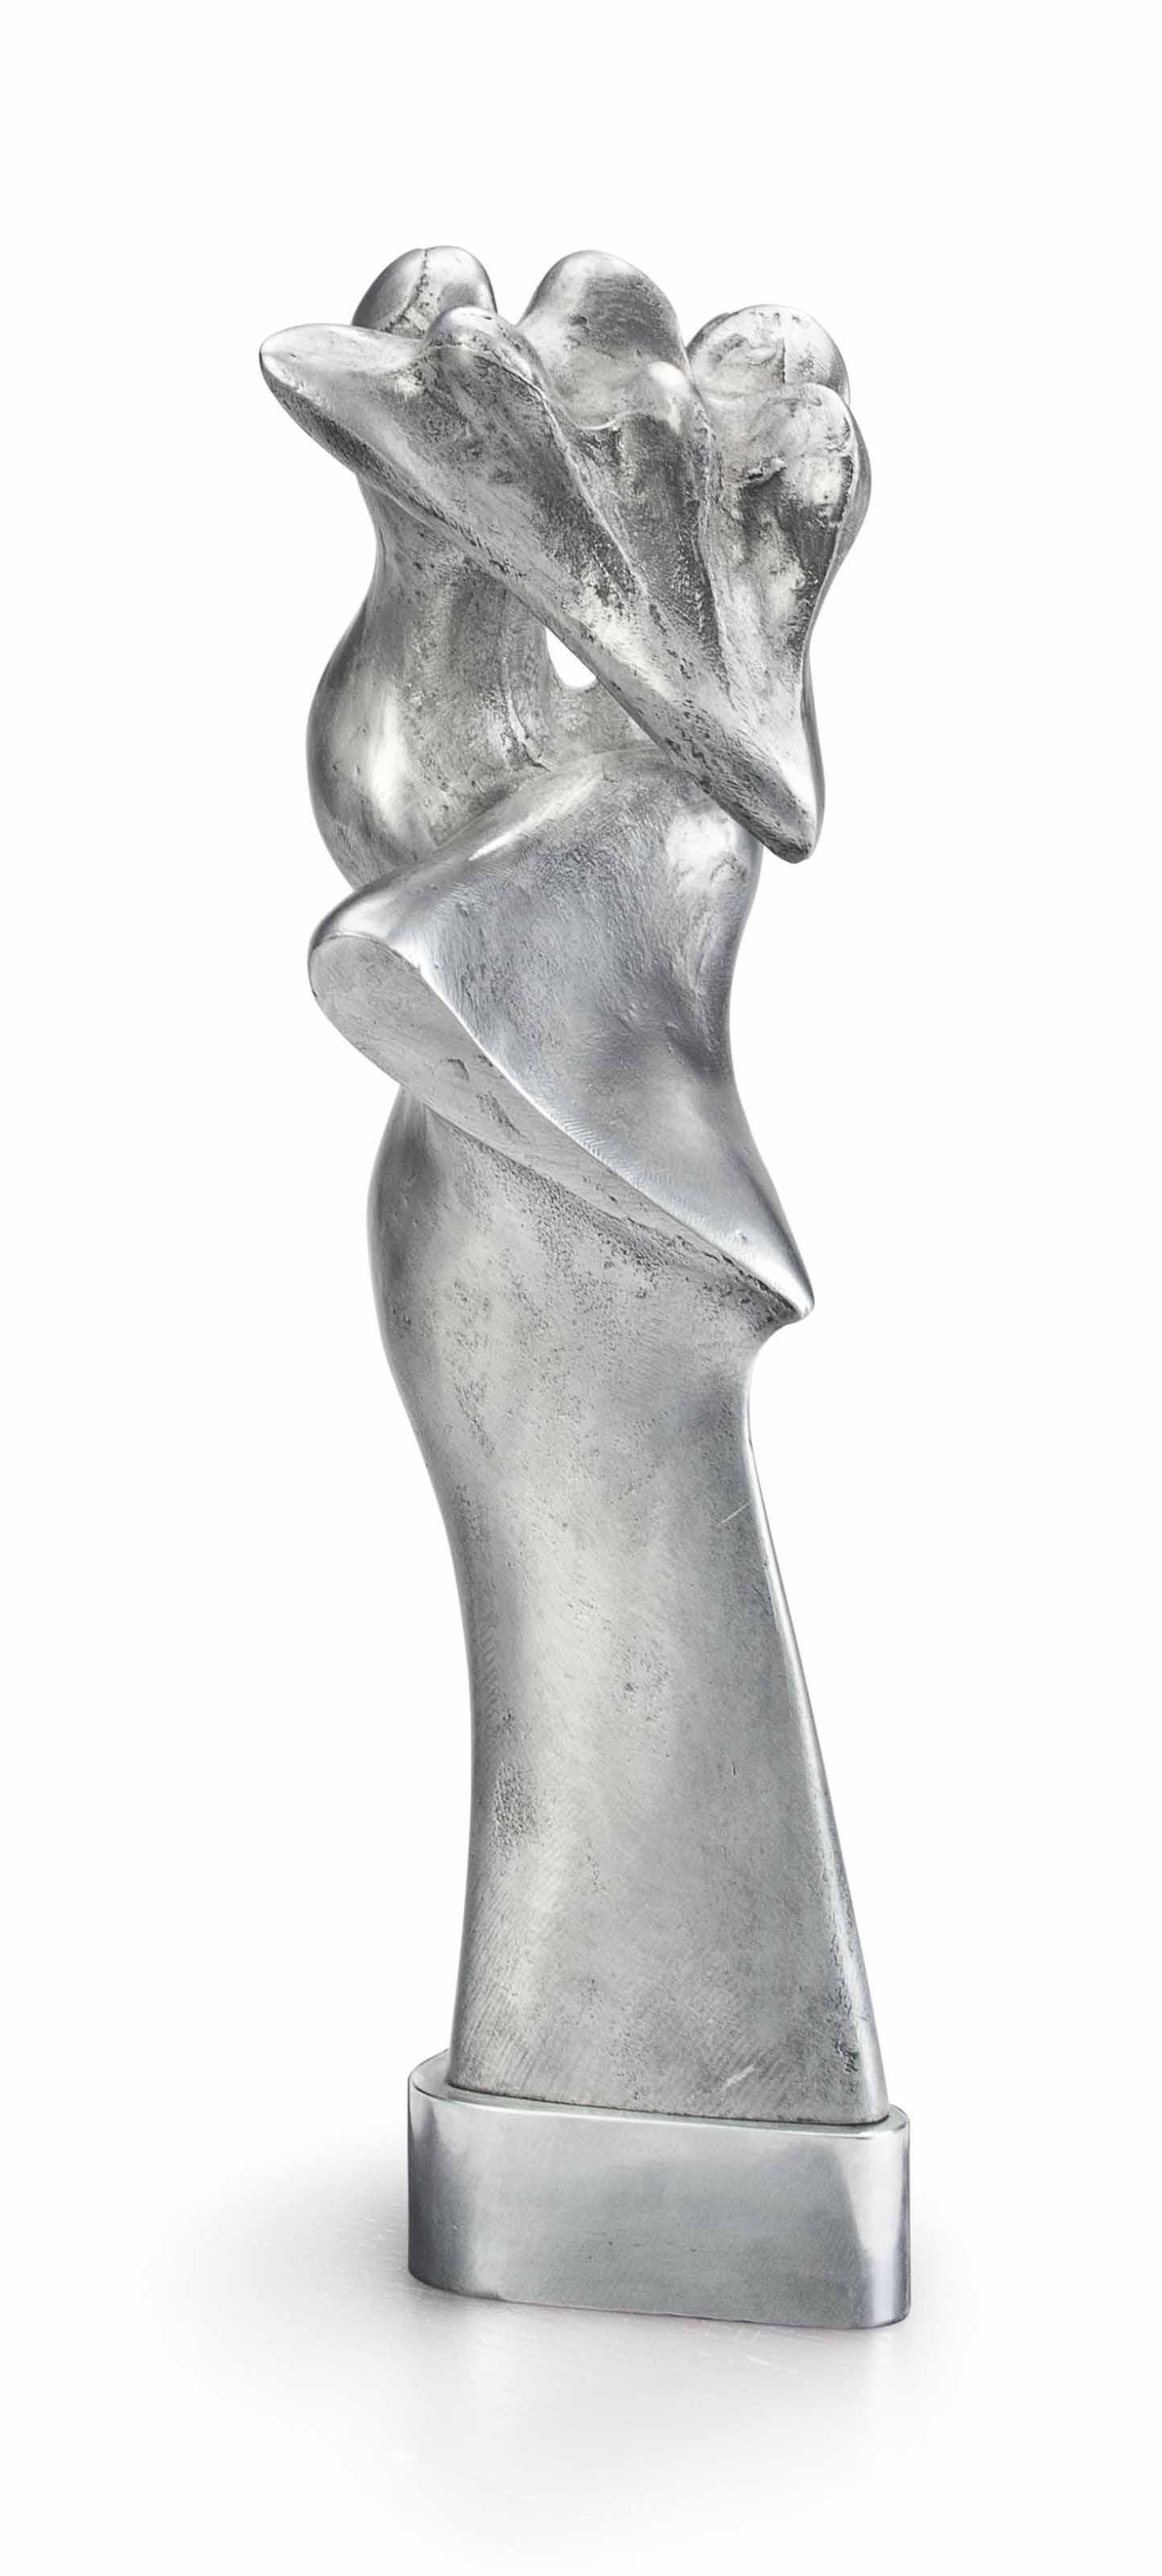 Winged Hybrid Figure #3